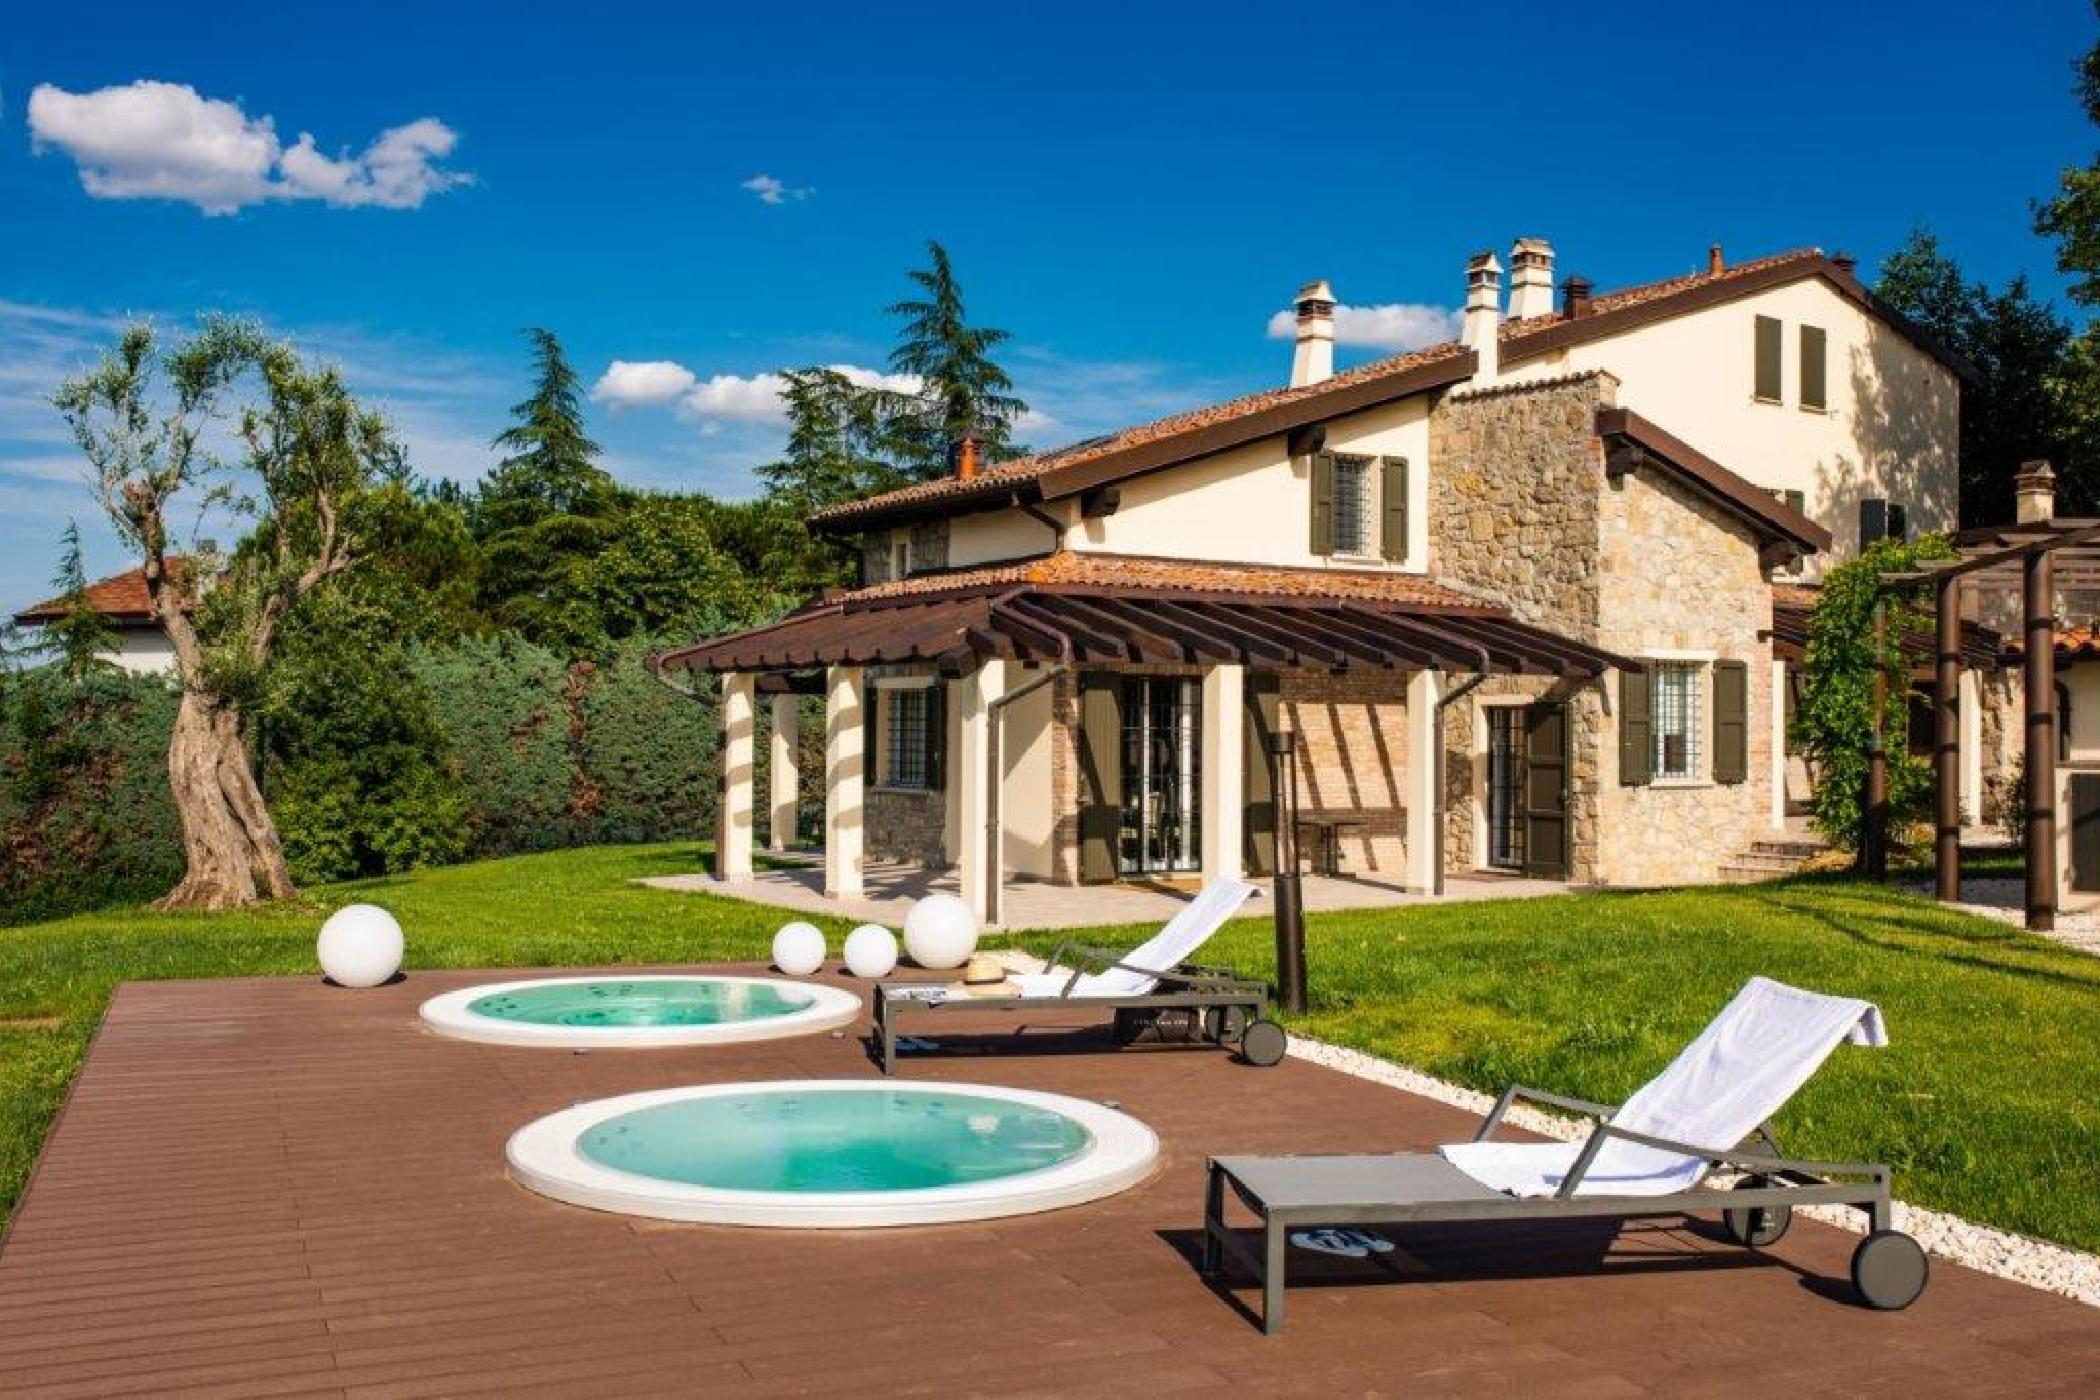 Casa Sulle Colline (9).jpg